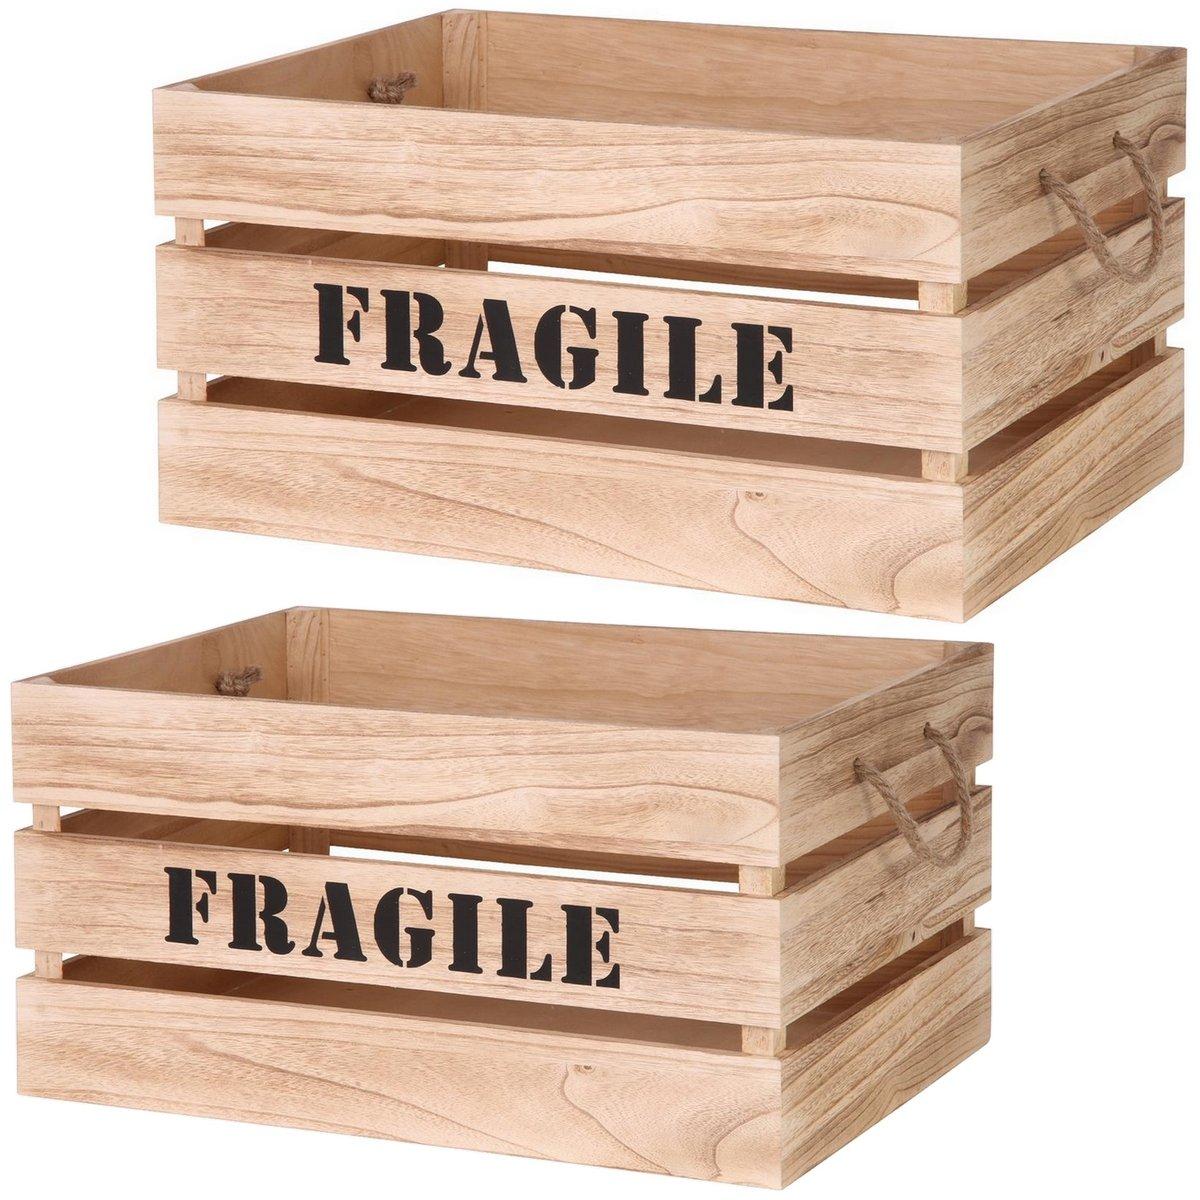 Lot De 2 Cagette Boite De Rangement Design Cageot Gigogne Authentique Bois Naturel Inscription Fragile Promobo